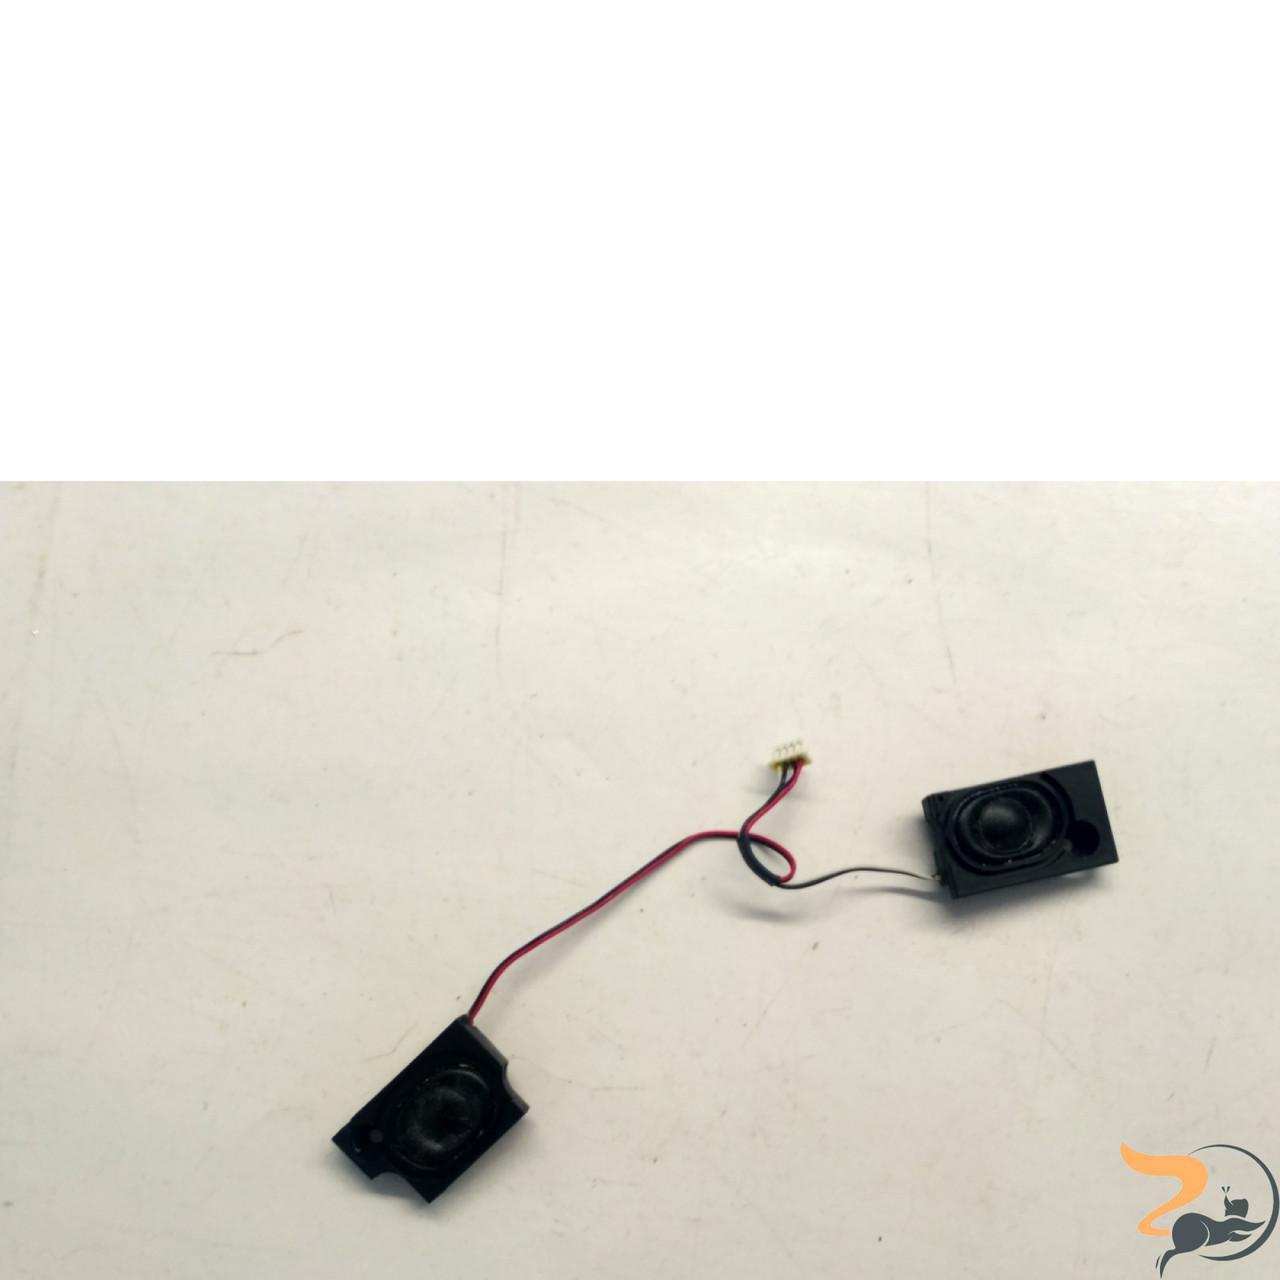 Динаміки для ноутбука Medion Md 42200, Б/У, в хорошому стані, без пошкоджень